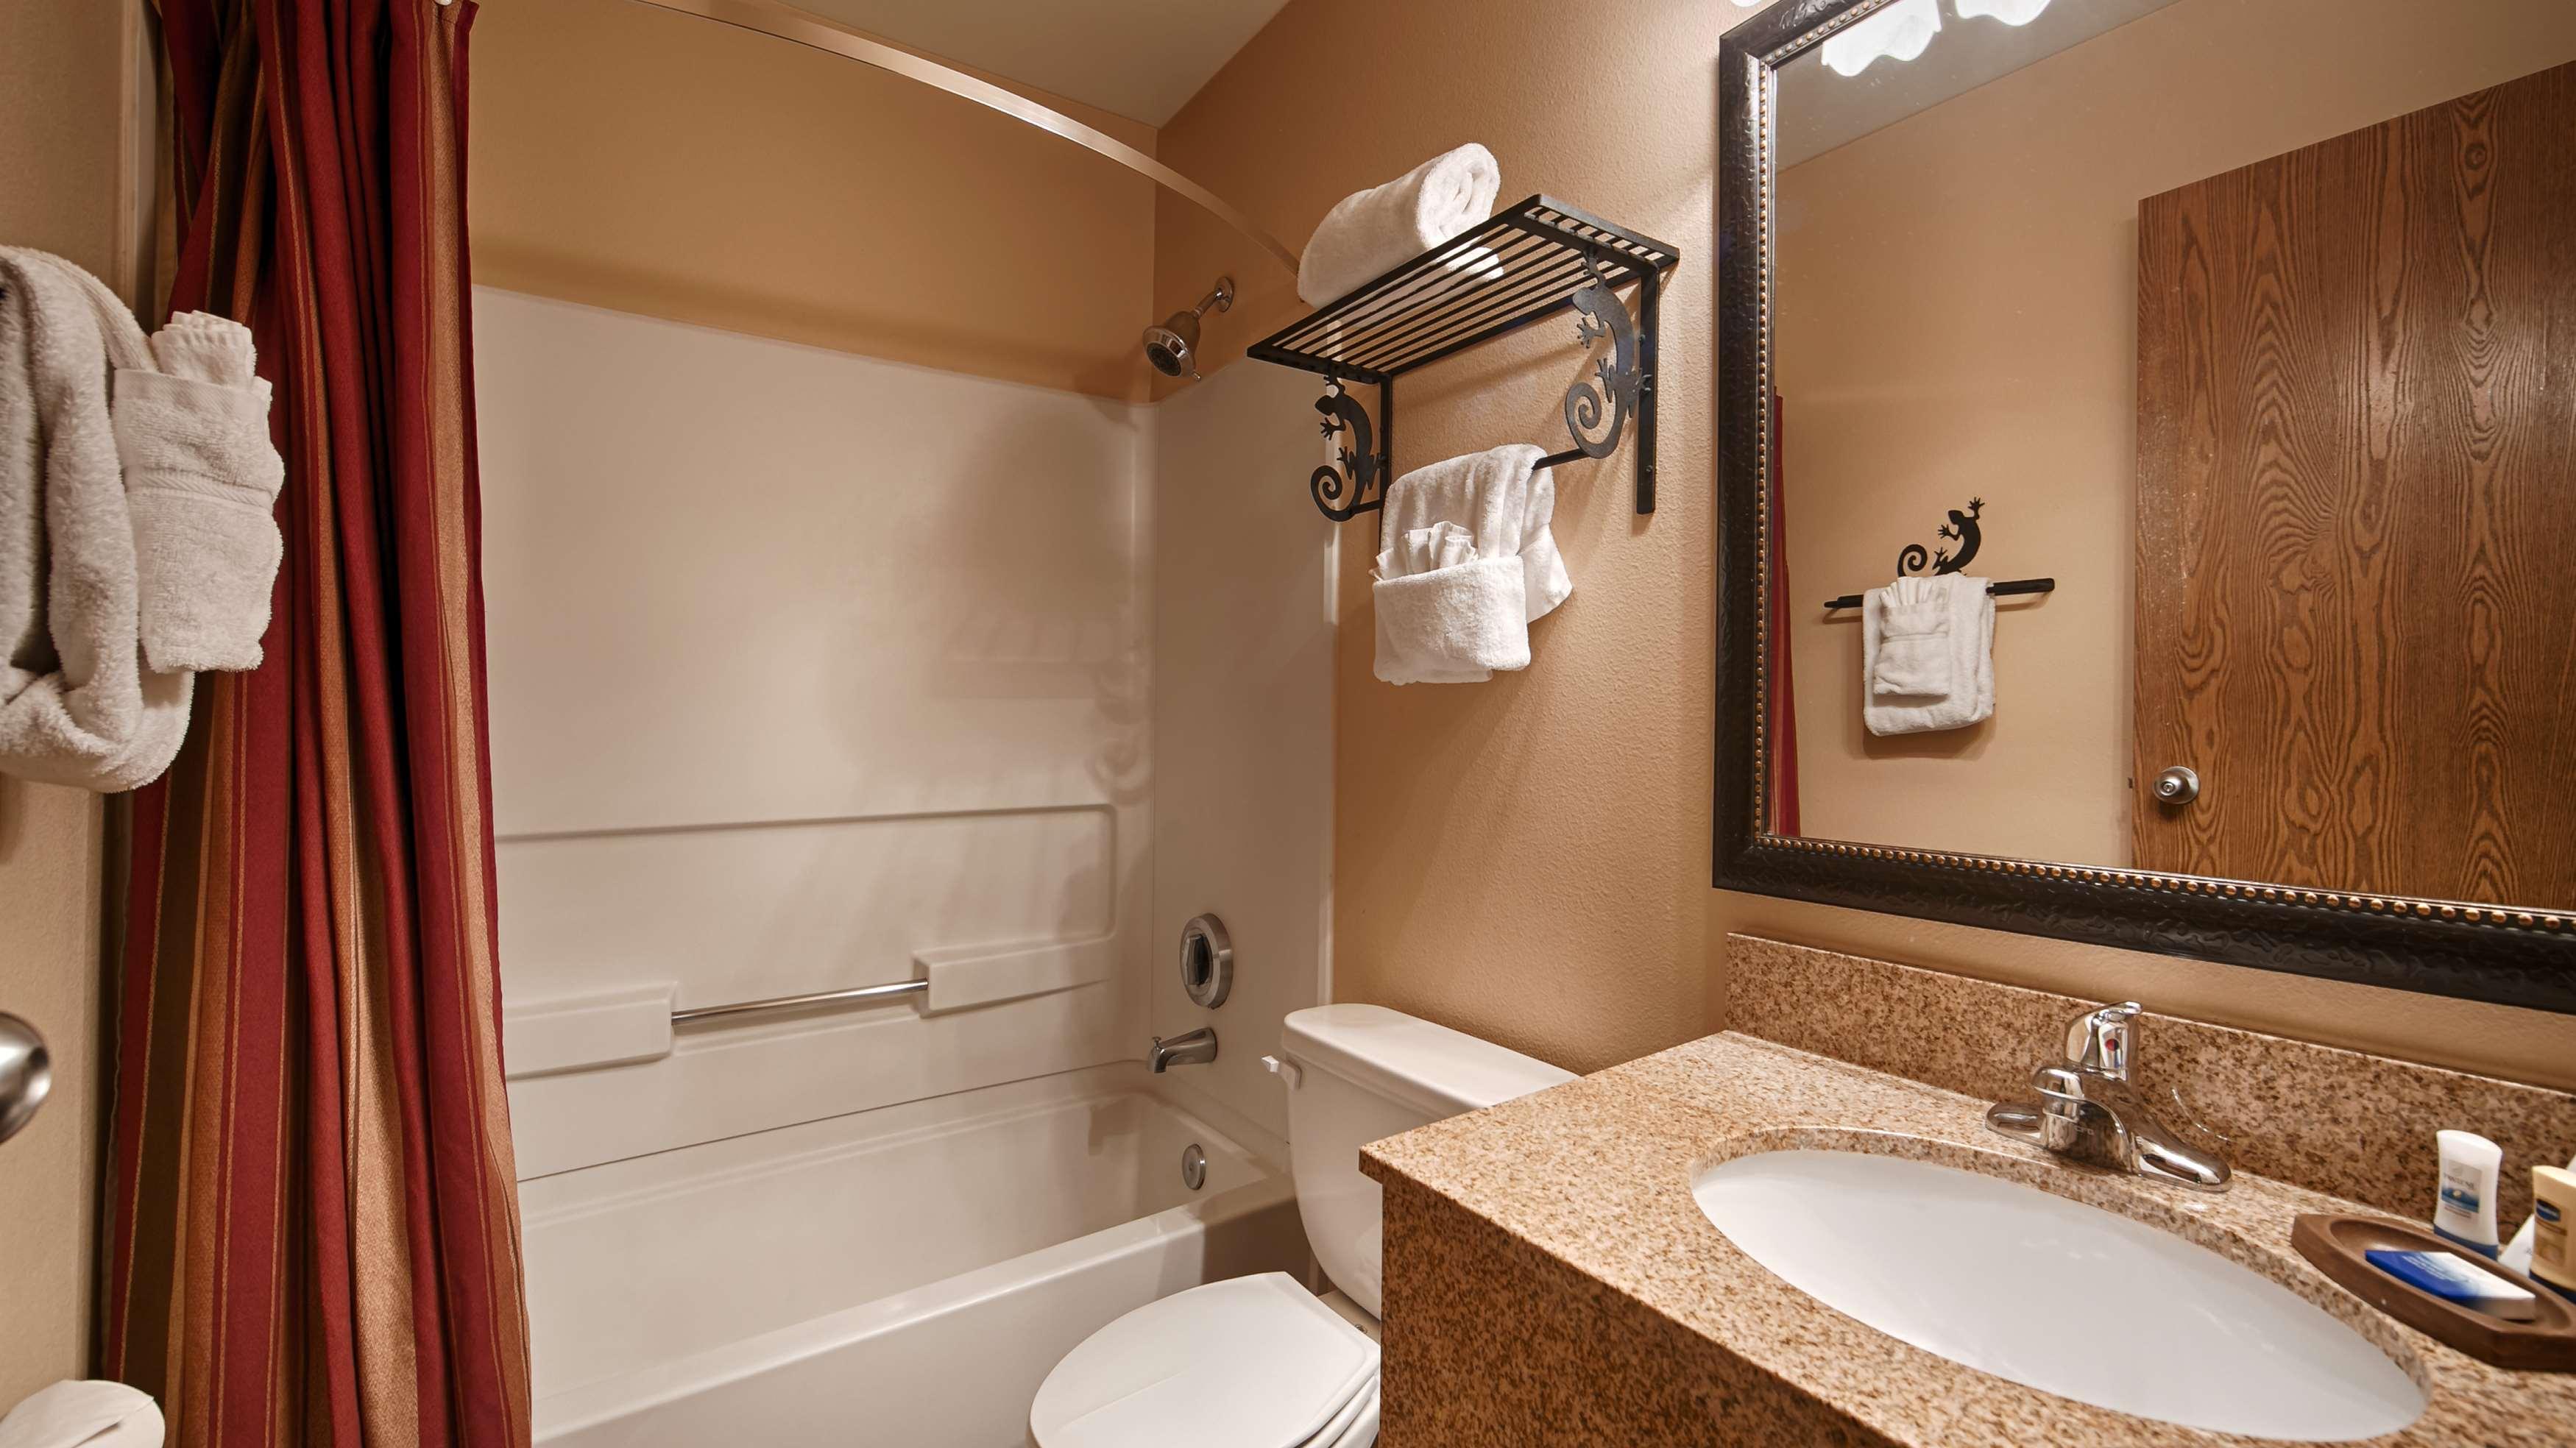 Best Western Plus Inn of Santa Fe image 38